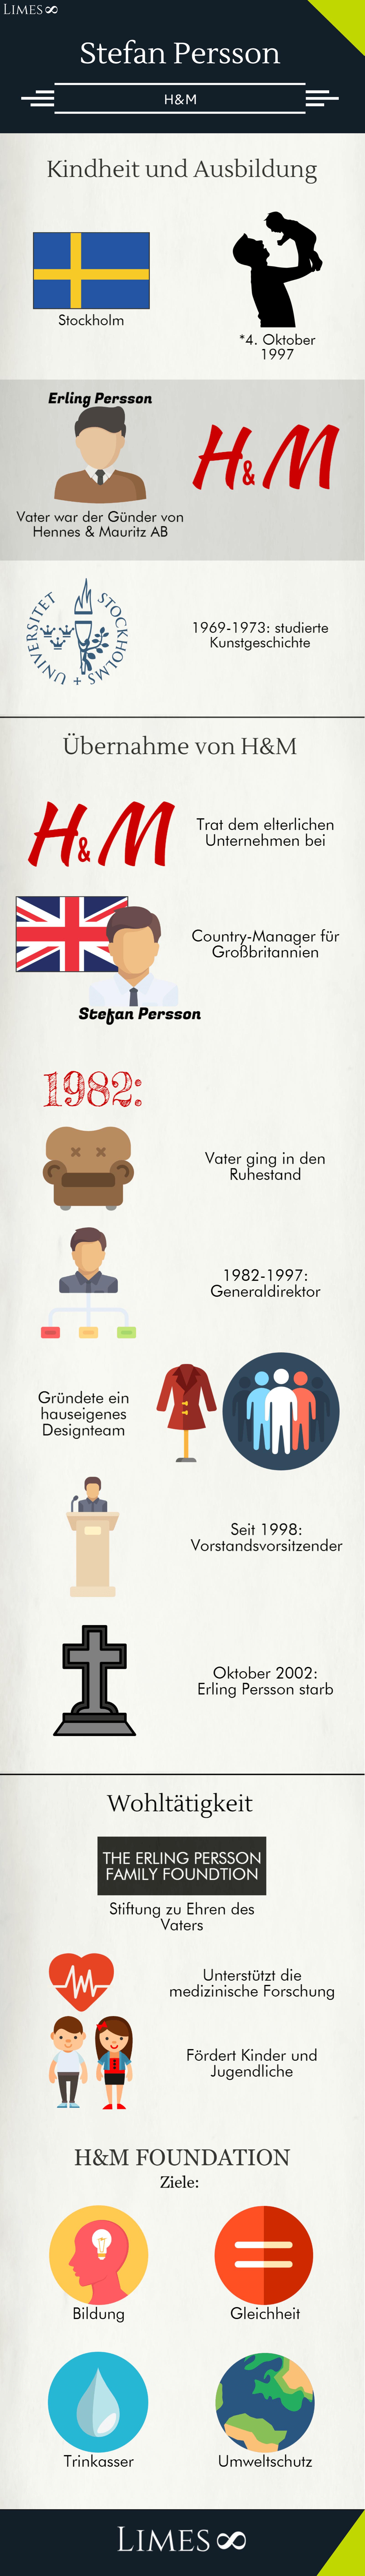 Infografik über Stefan Persson